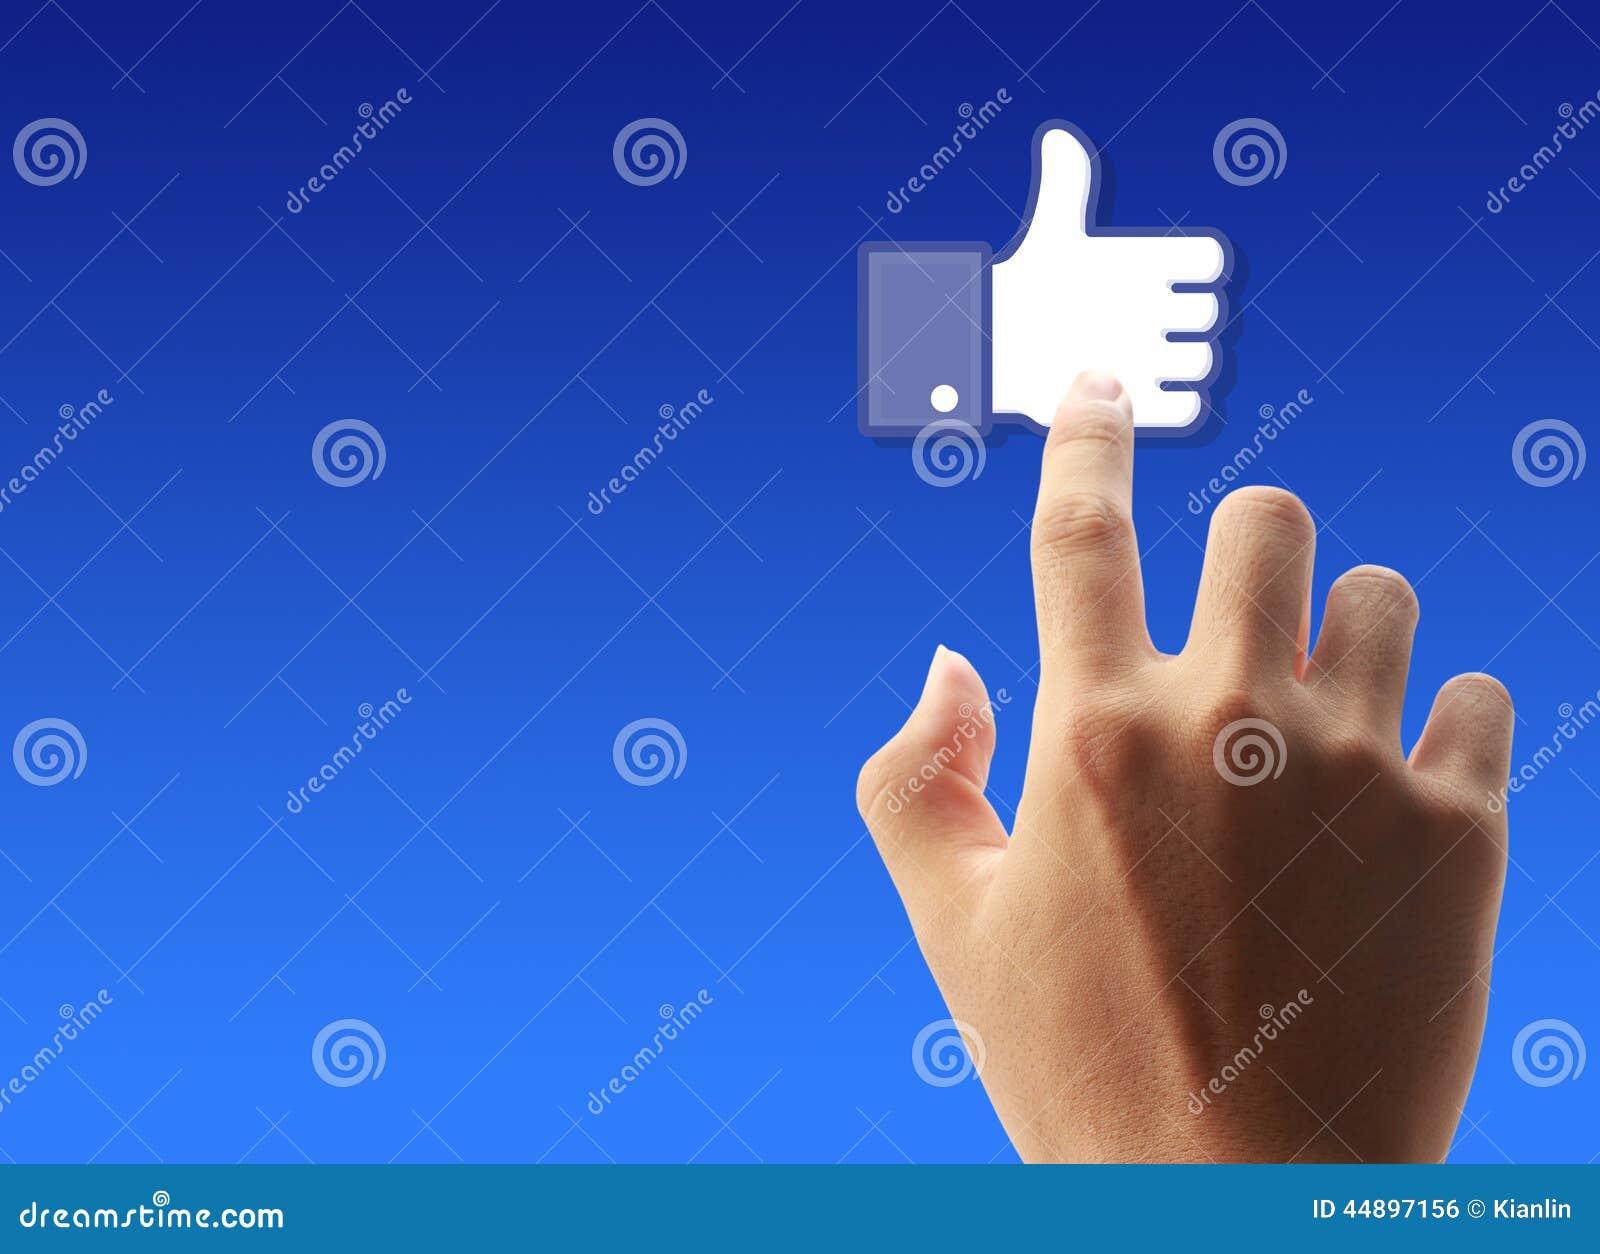 Presione Facebook como el botón